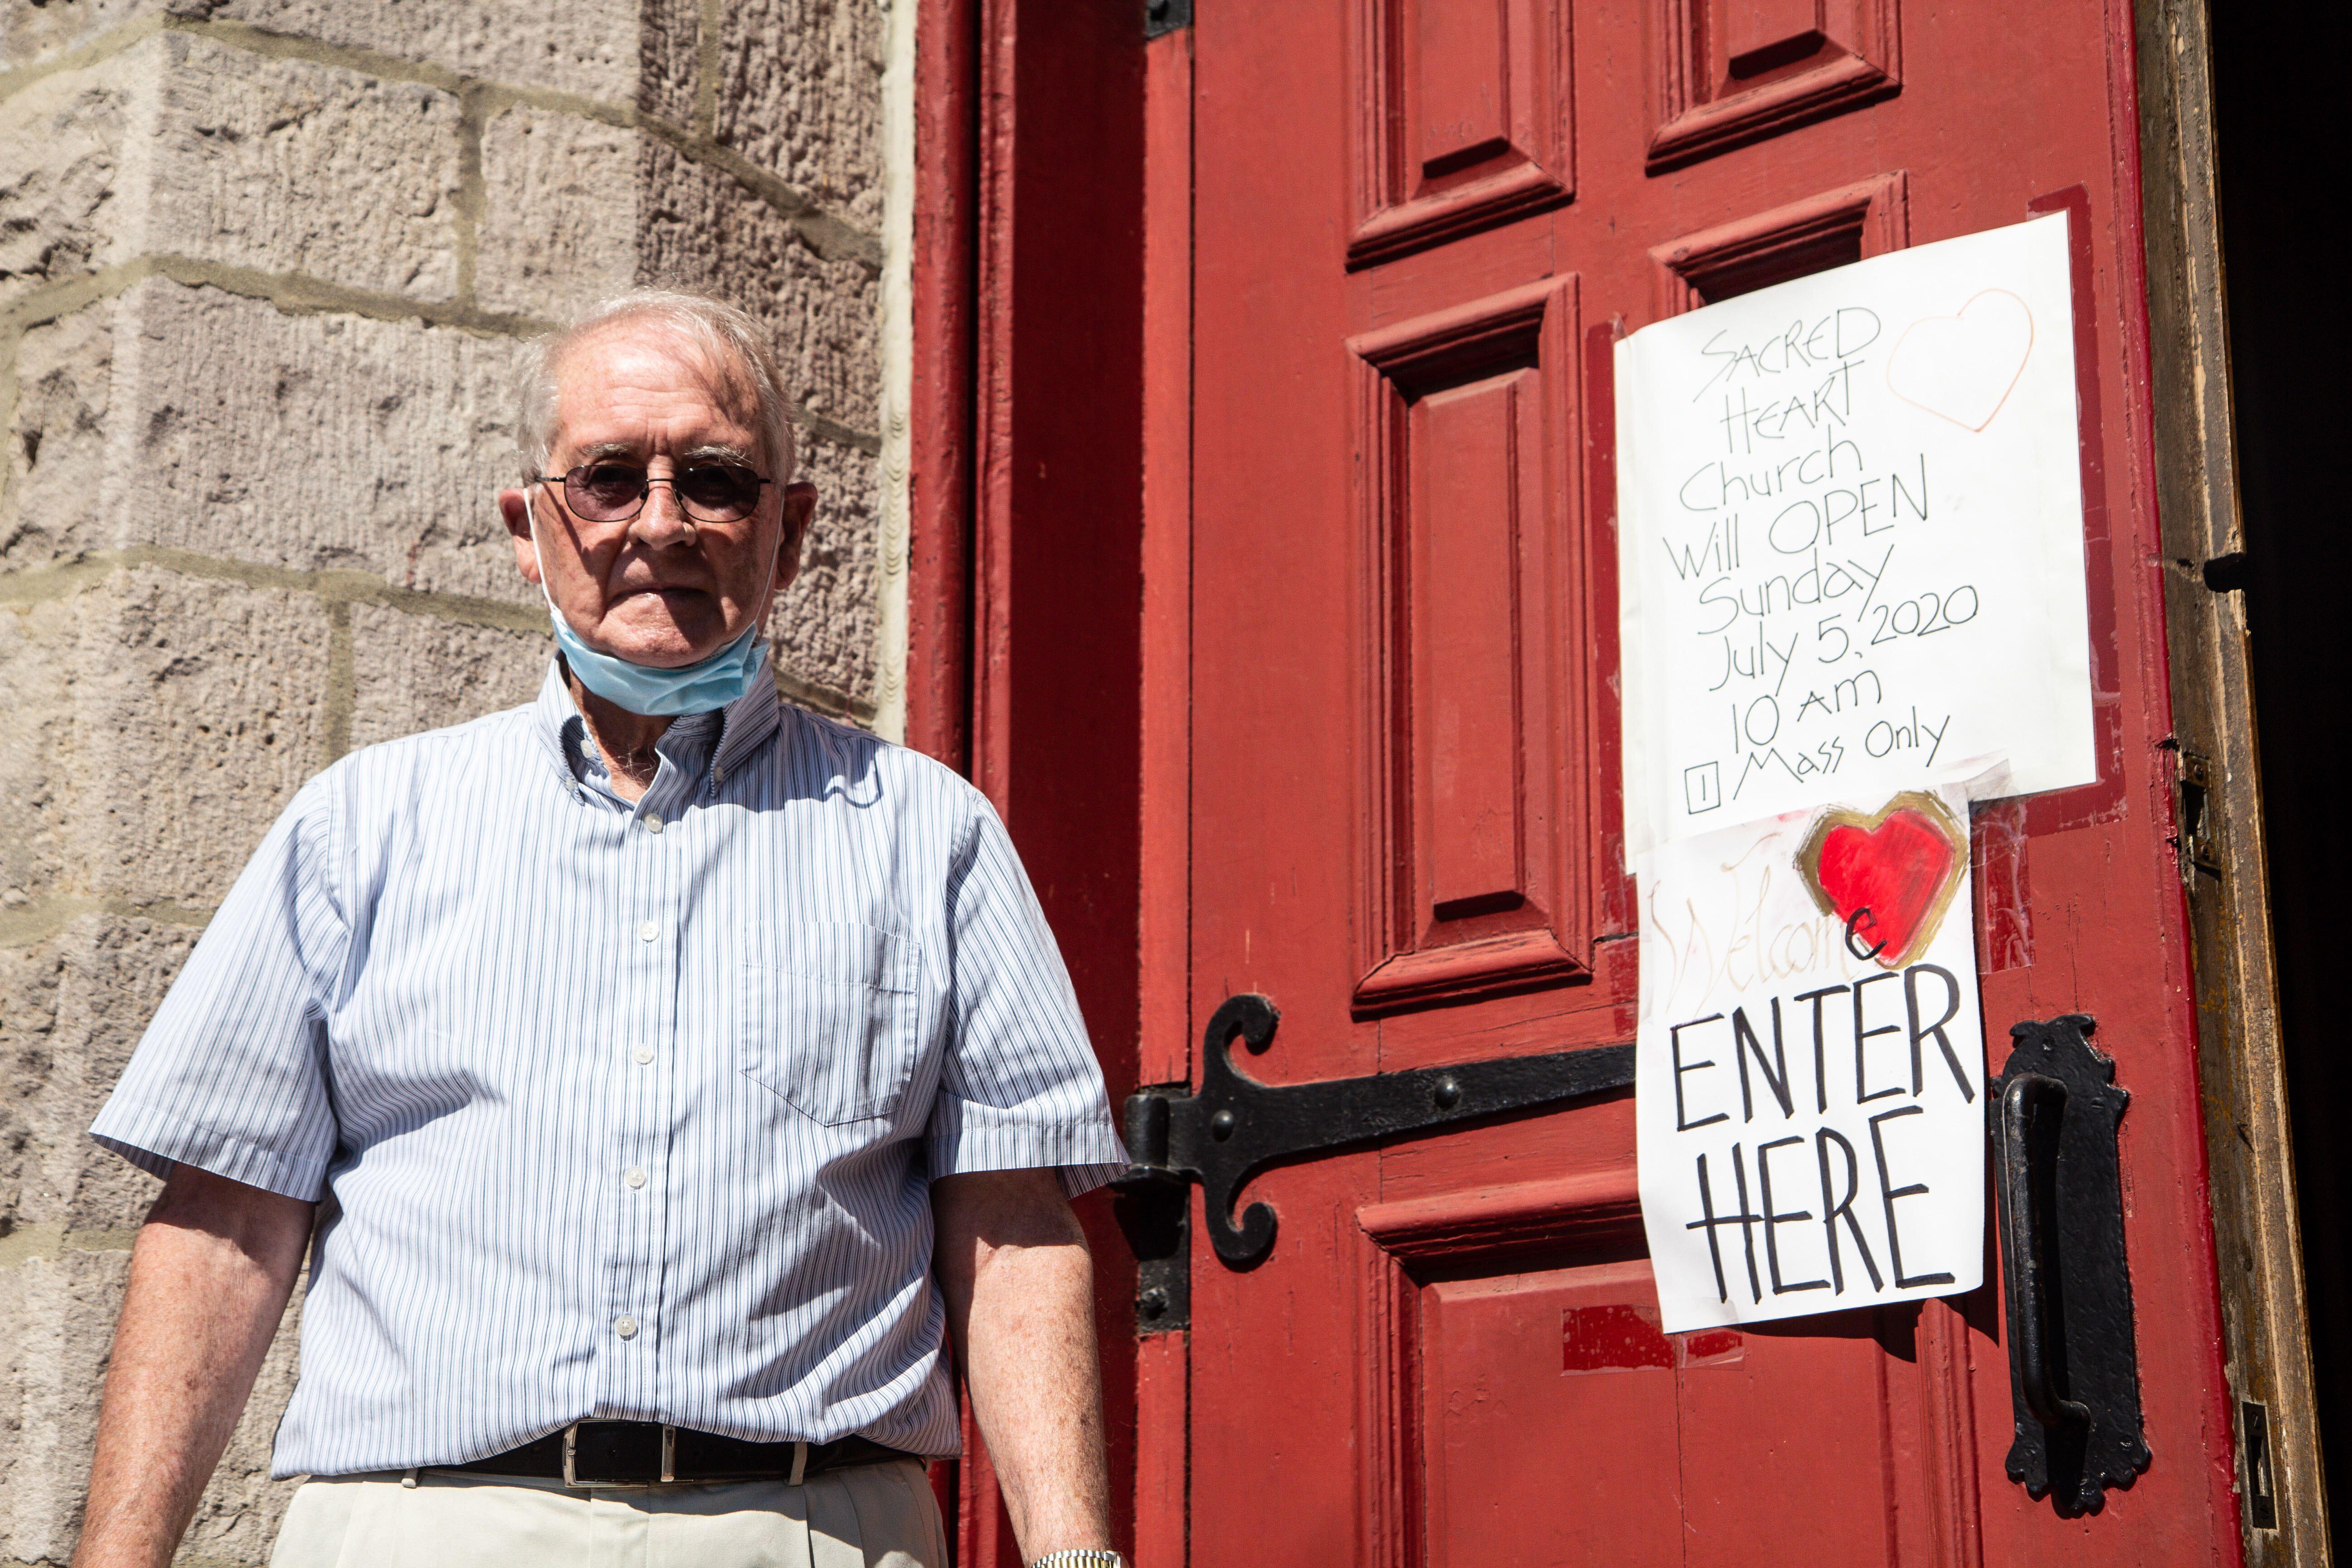 Parishioner Patrick Mulligan